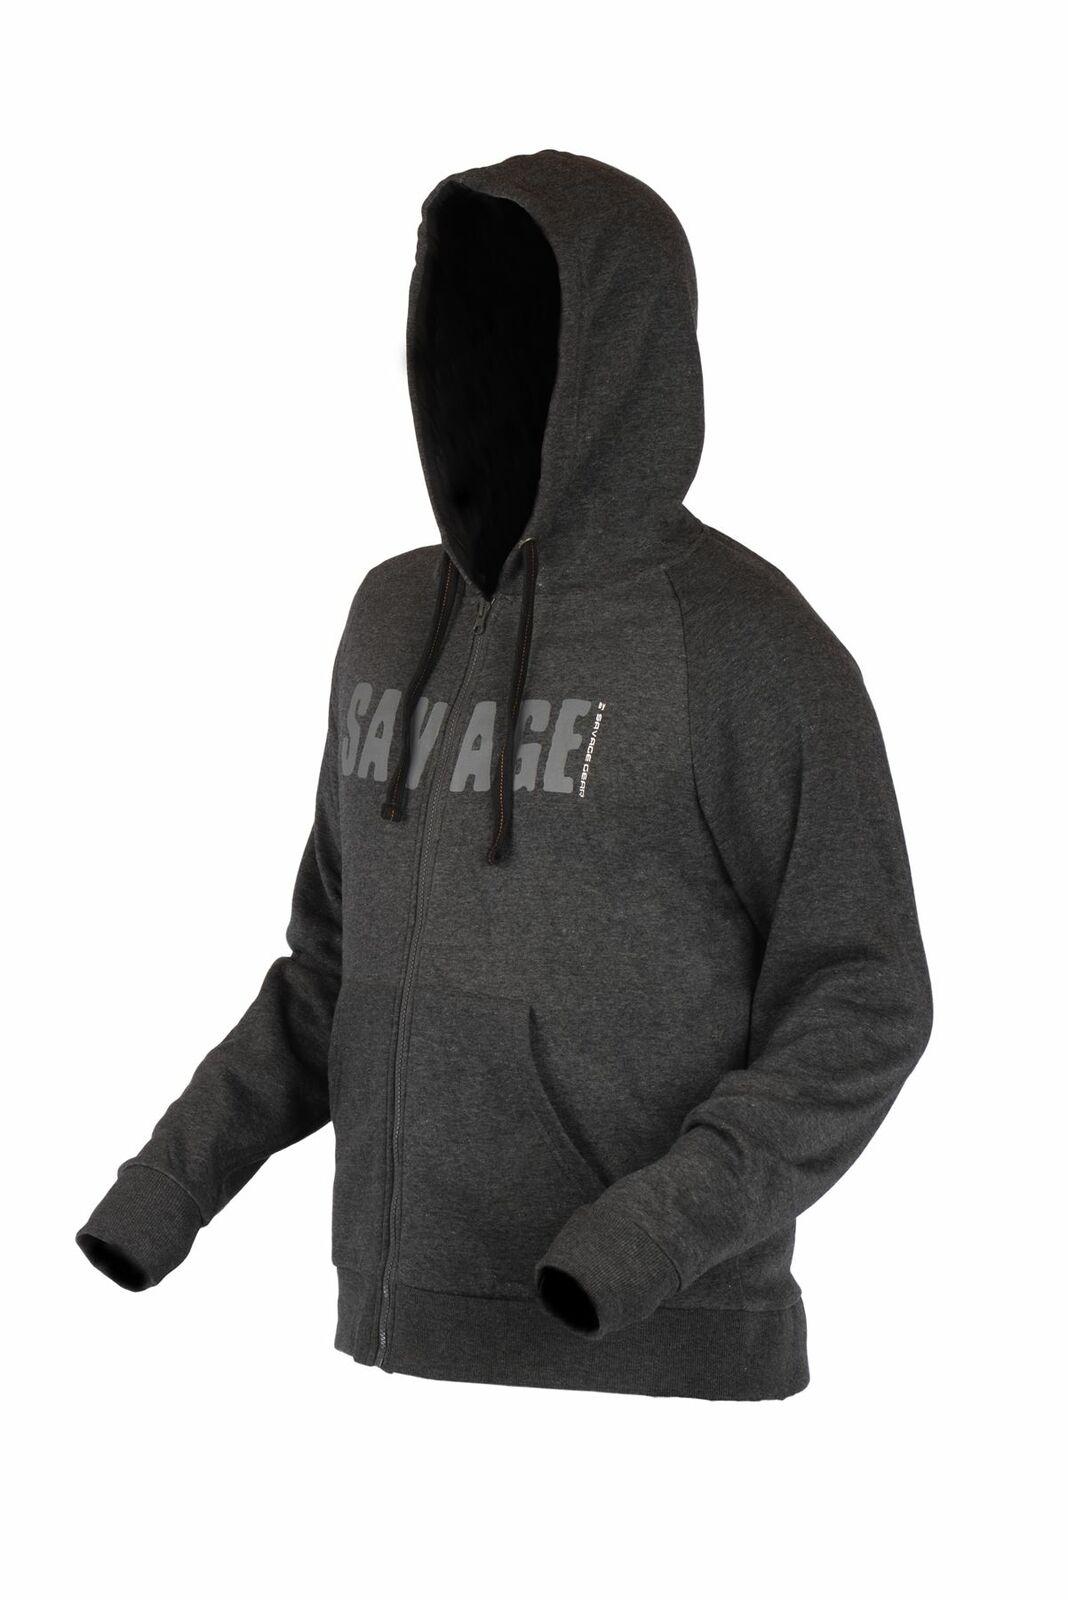 Savage Gear Simply Savage Zip  Hoodie  factory outlet store